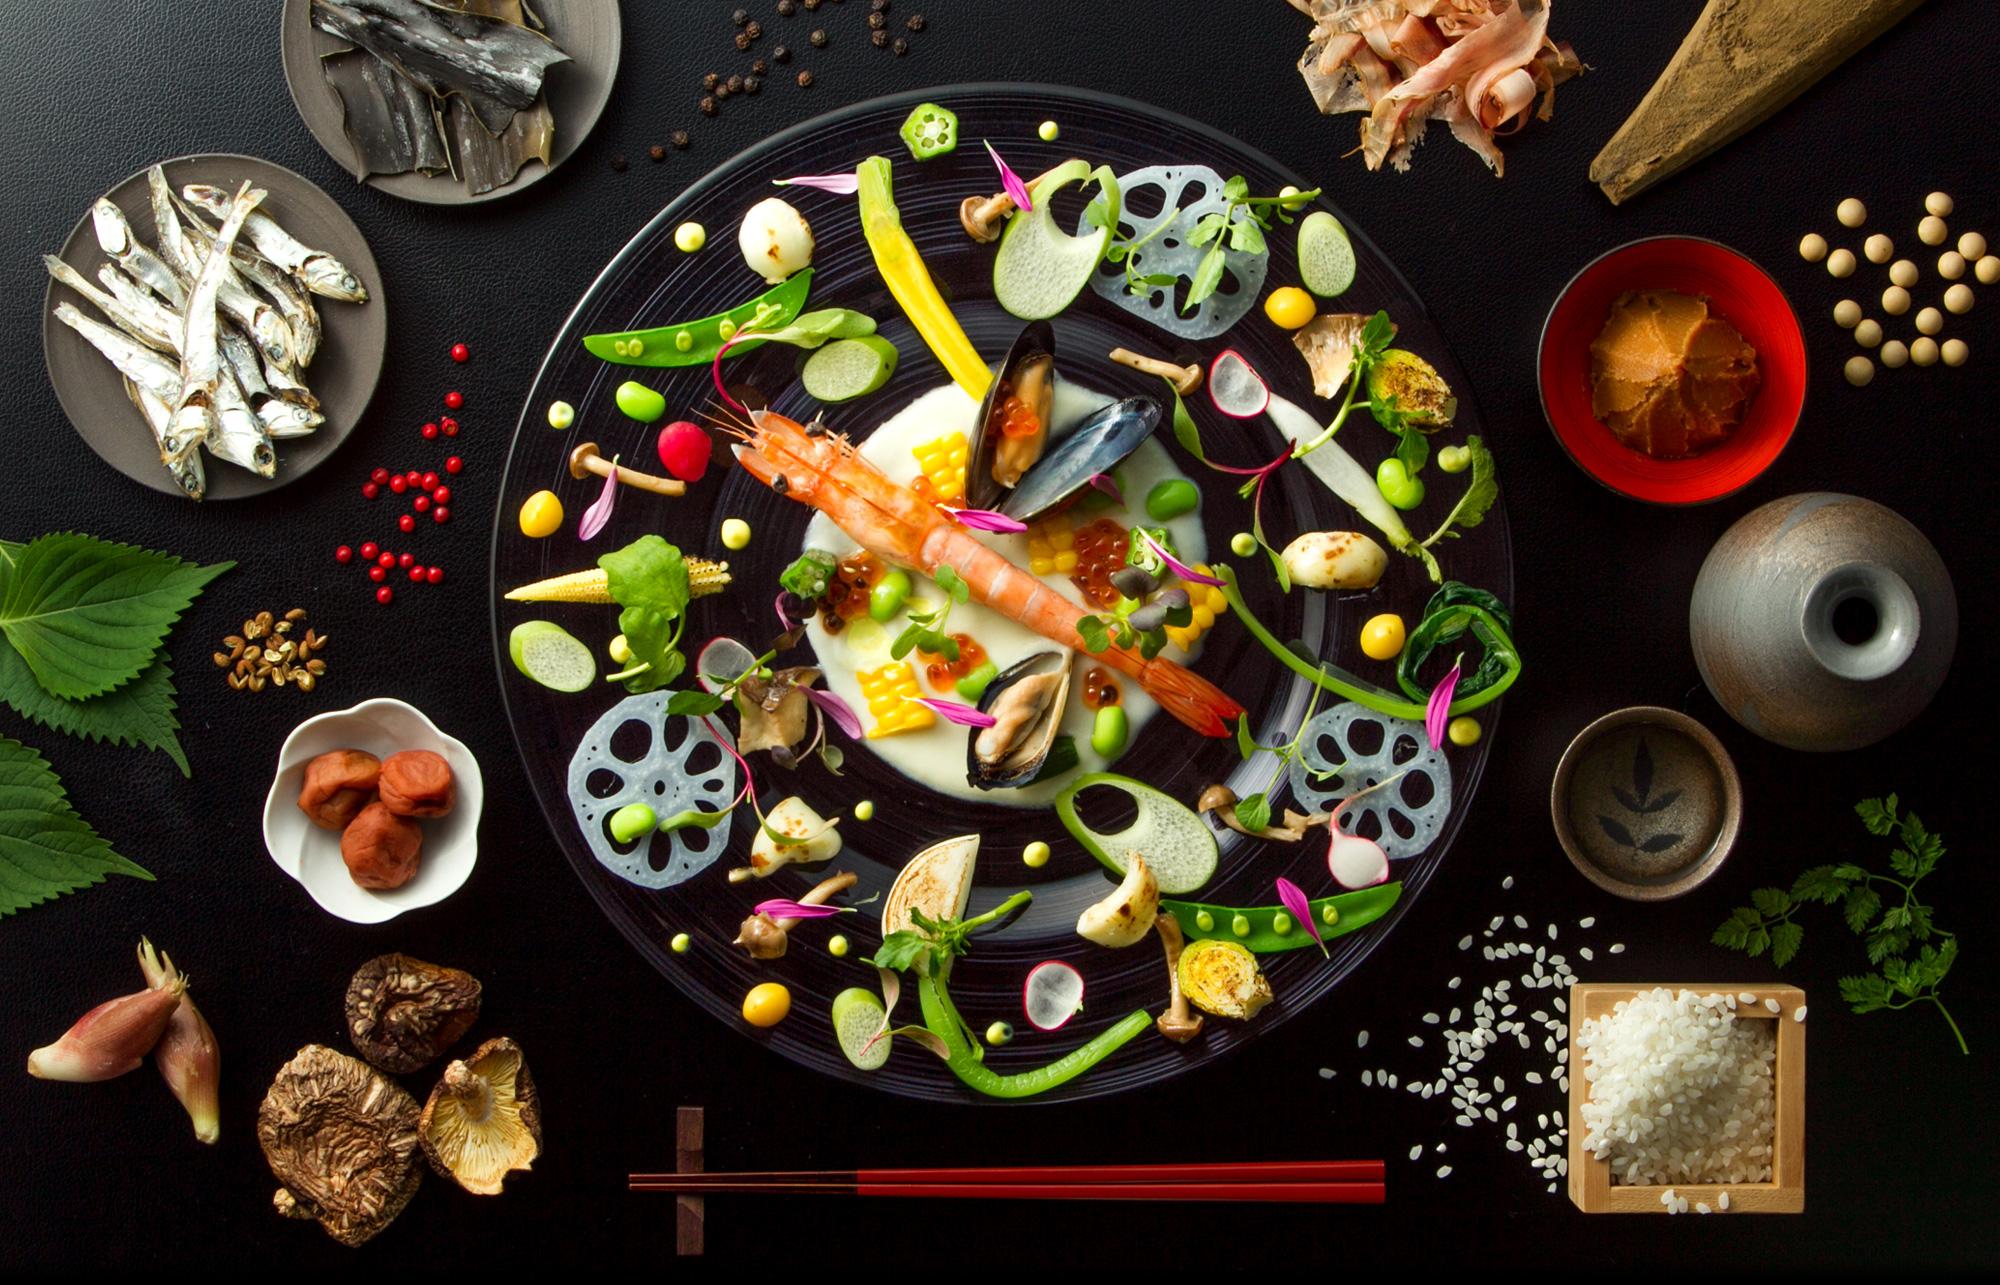 見た目から楽しむ 彩り豊かなフレンチ<br>お箸で食べる「フレンチごはん 西麻布GINA(ジーナ)」